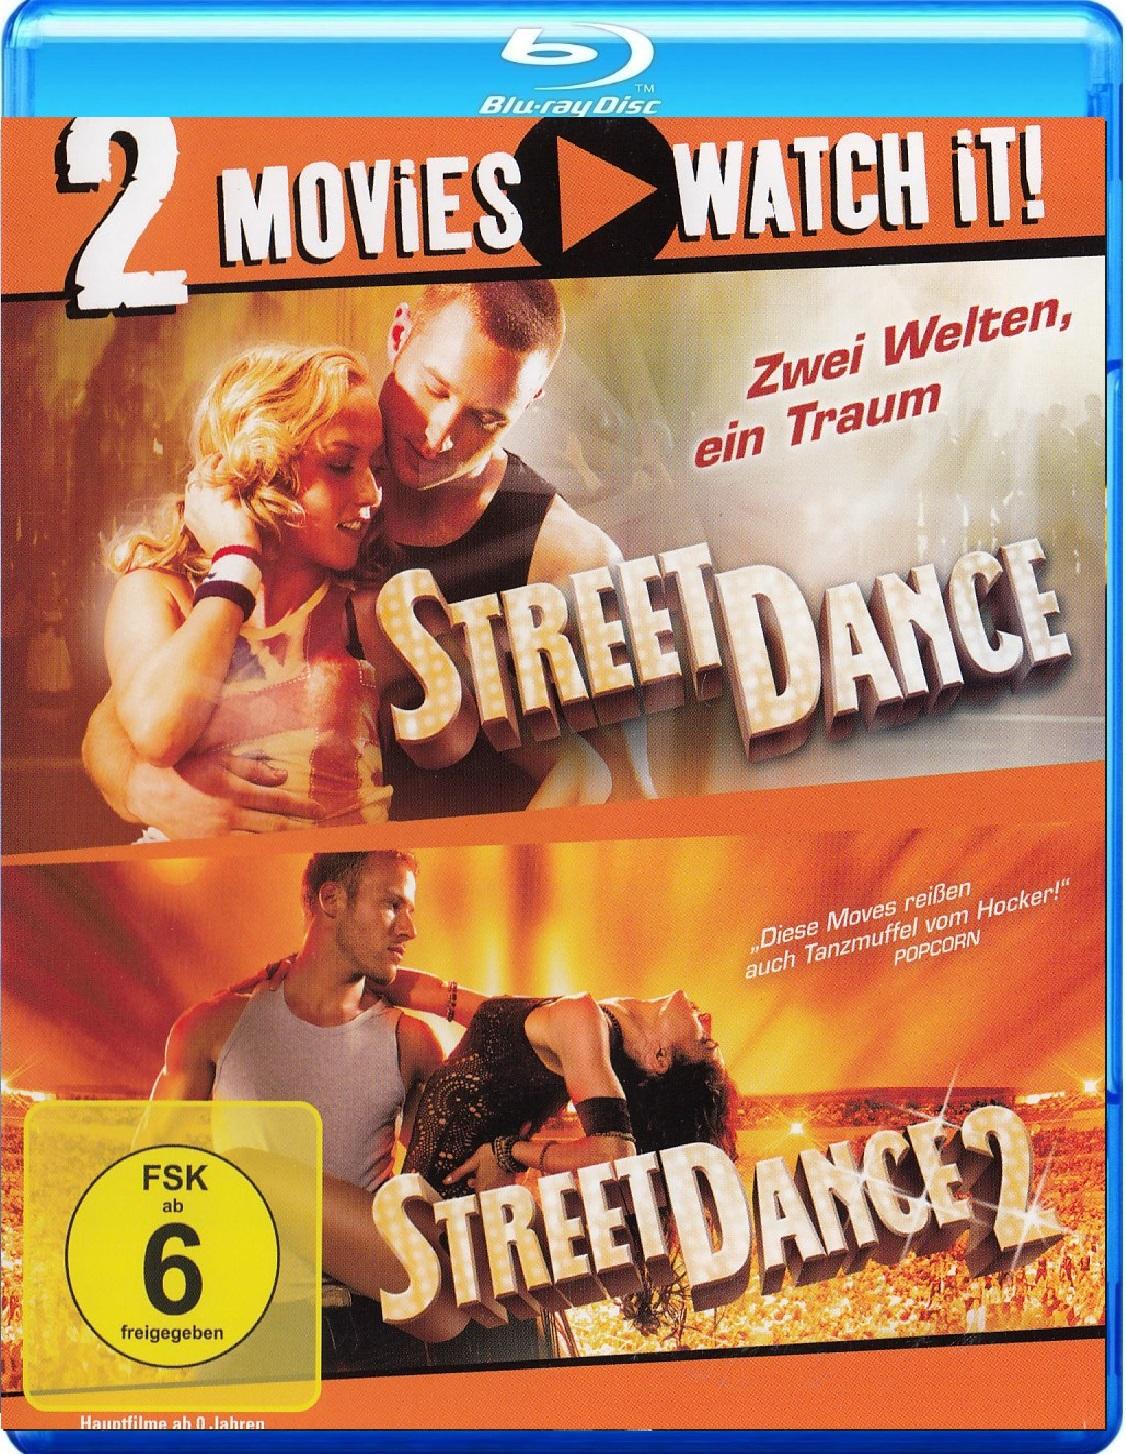 StreetDance 1 & 2 [2 Discs]